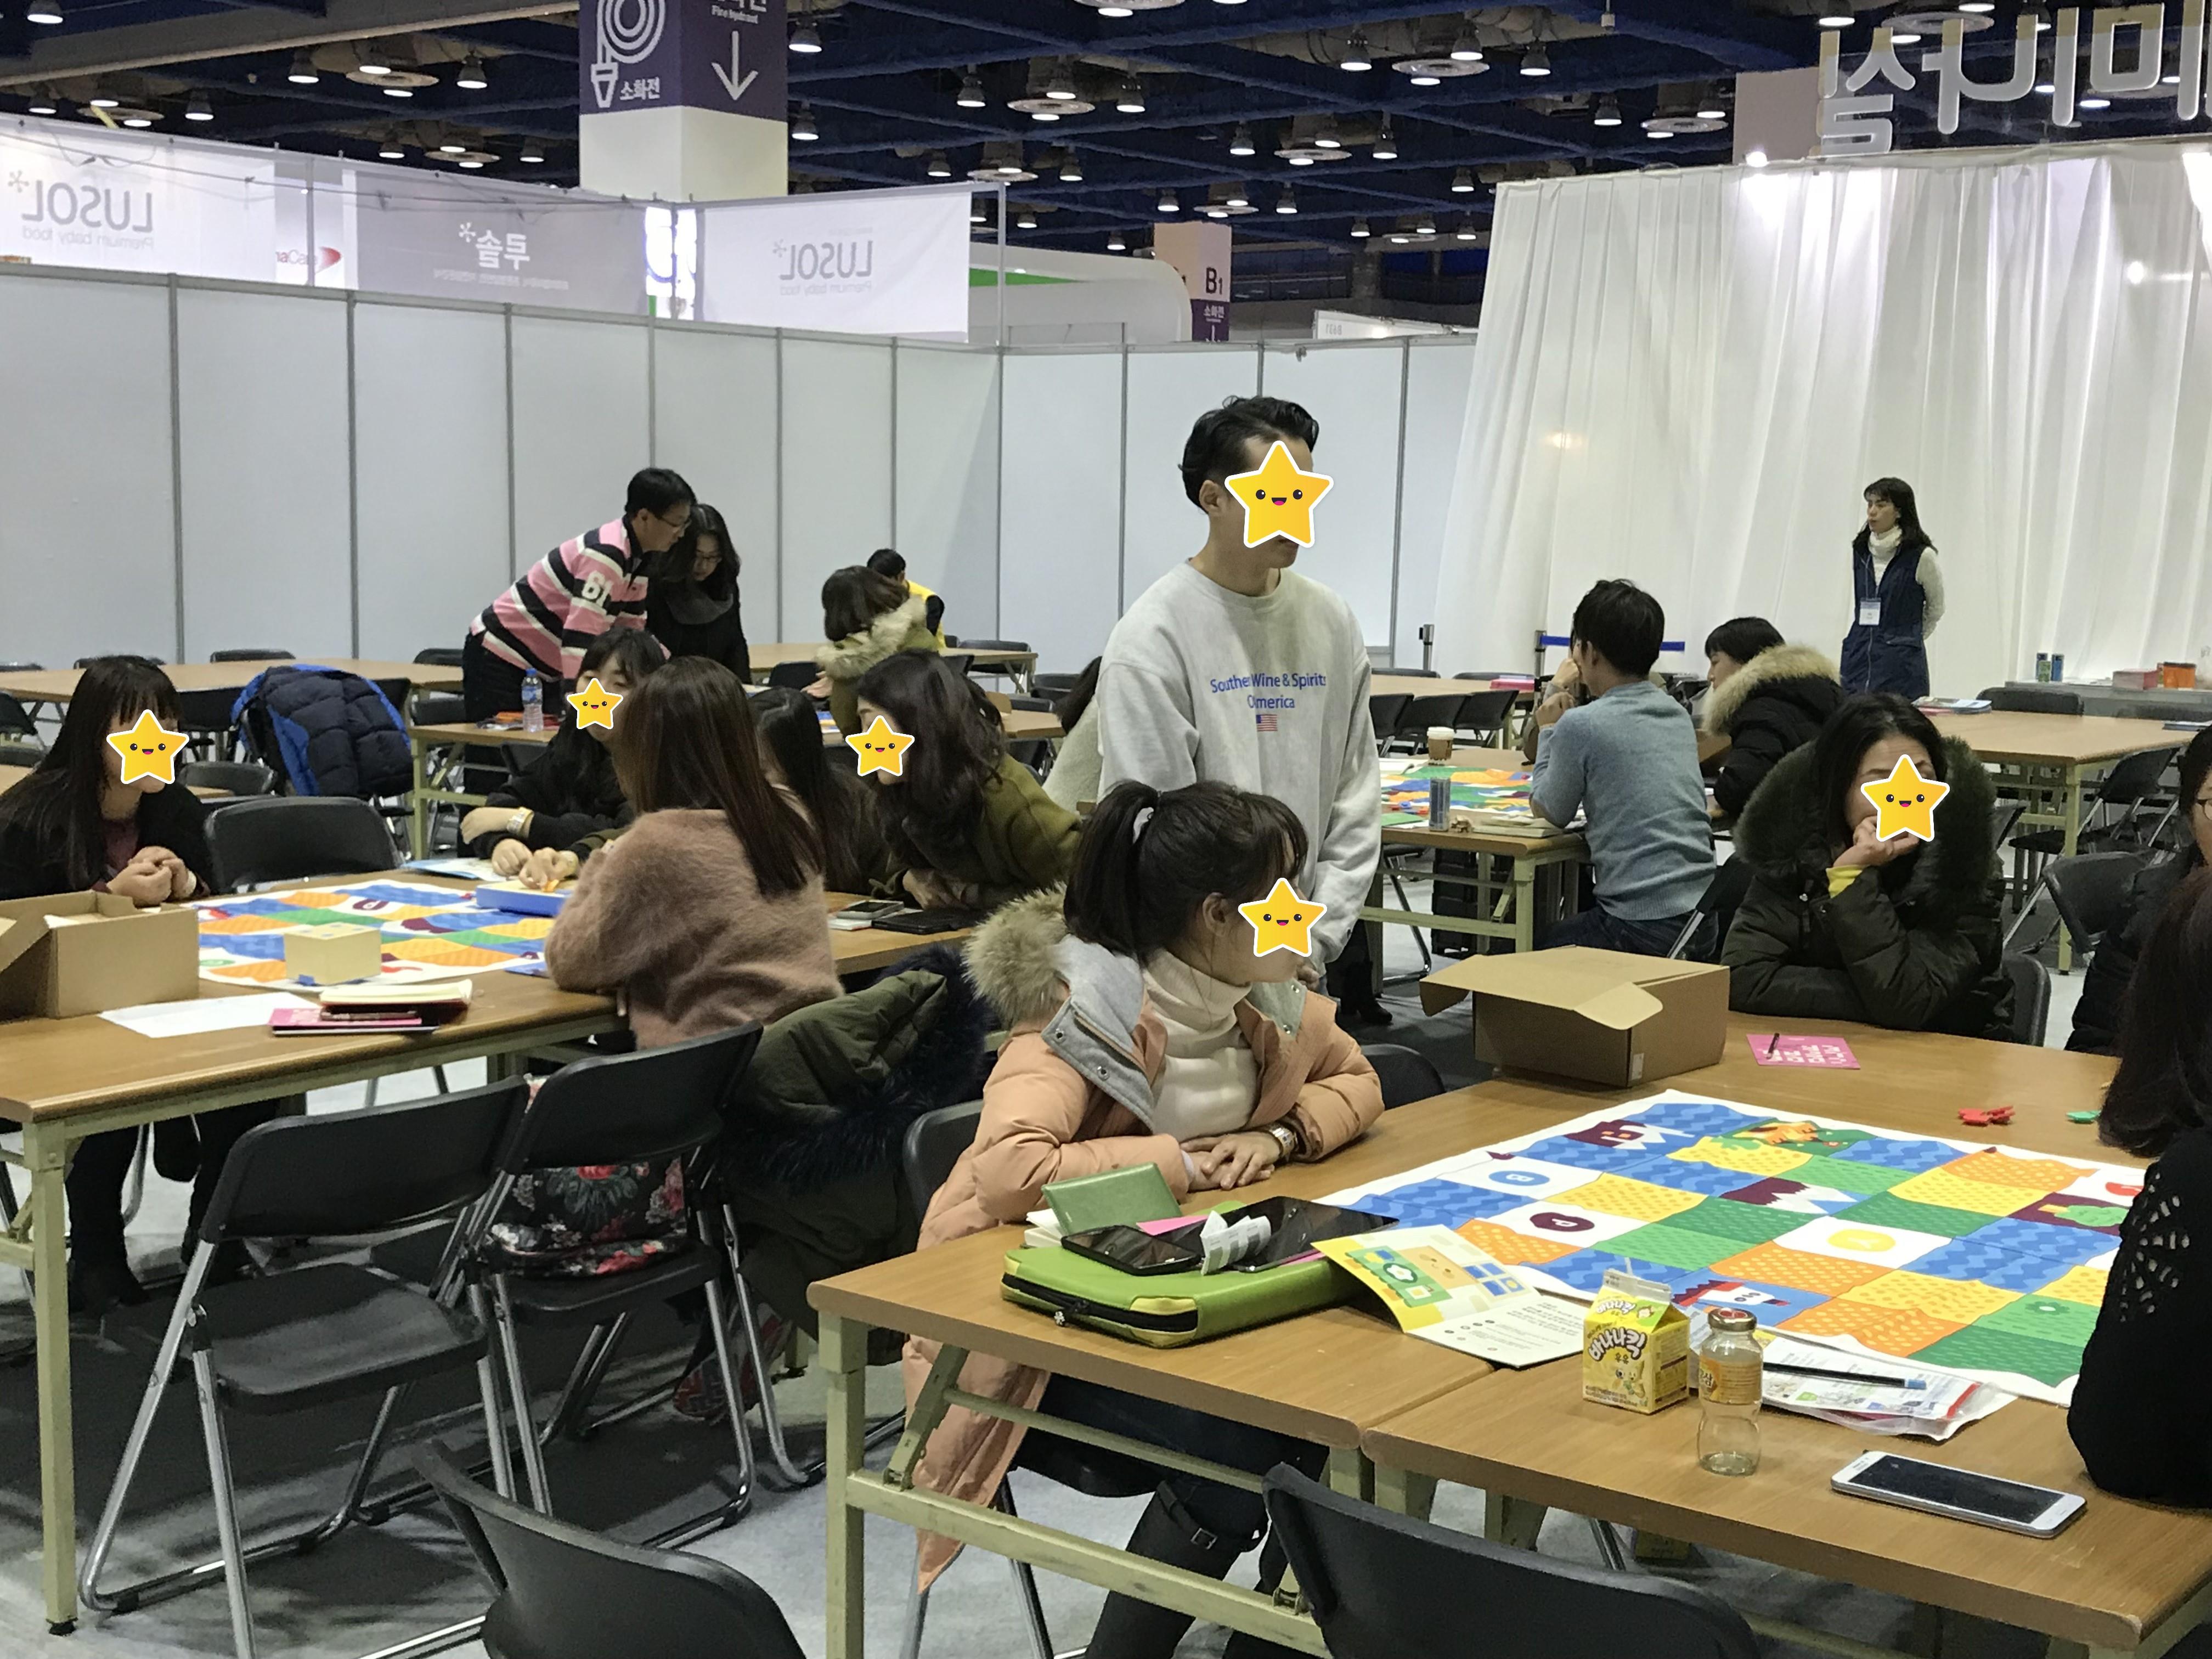 코엑스 유아교육전